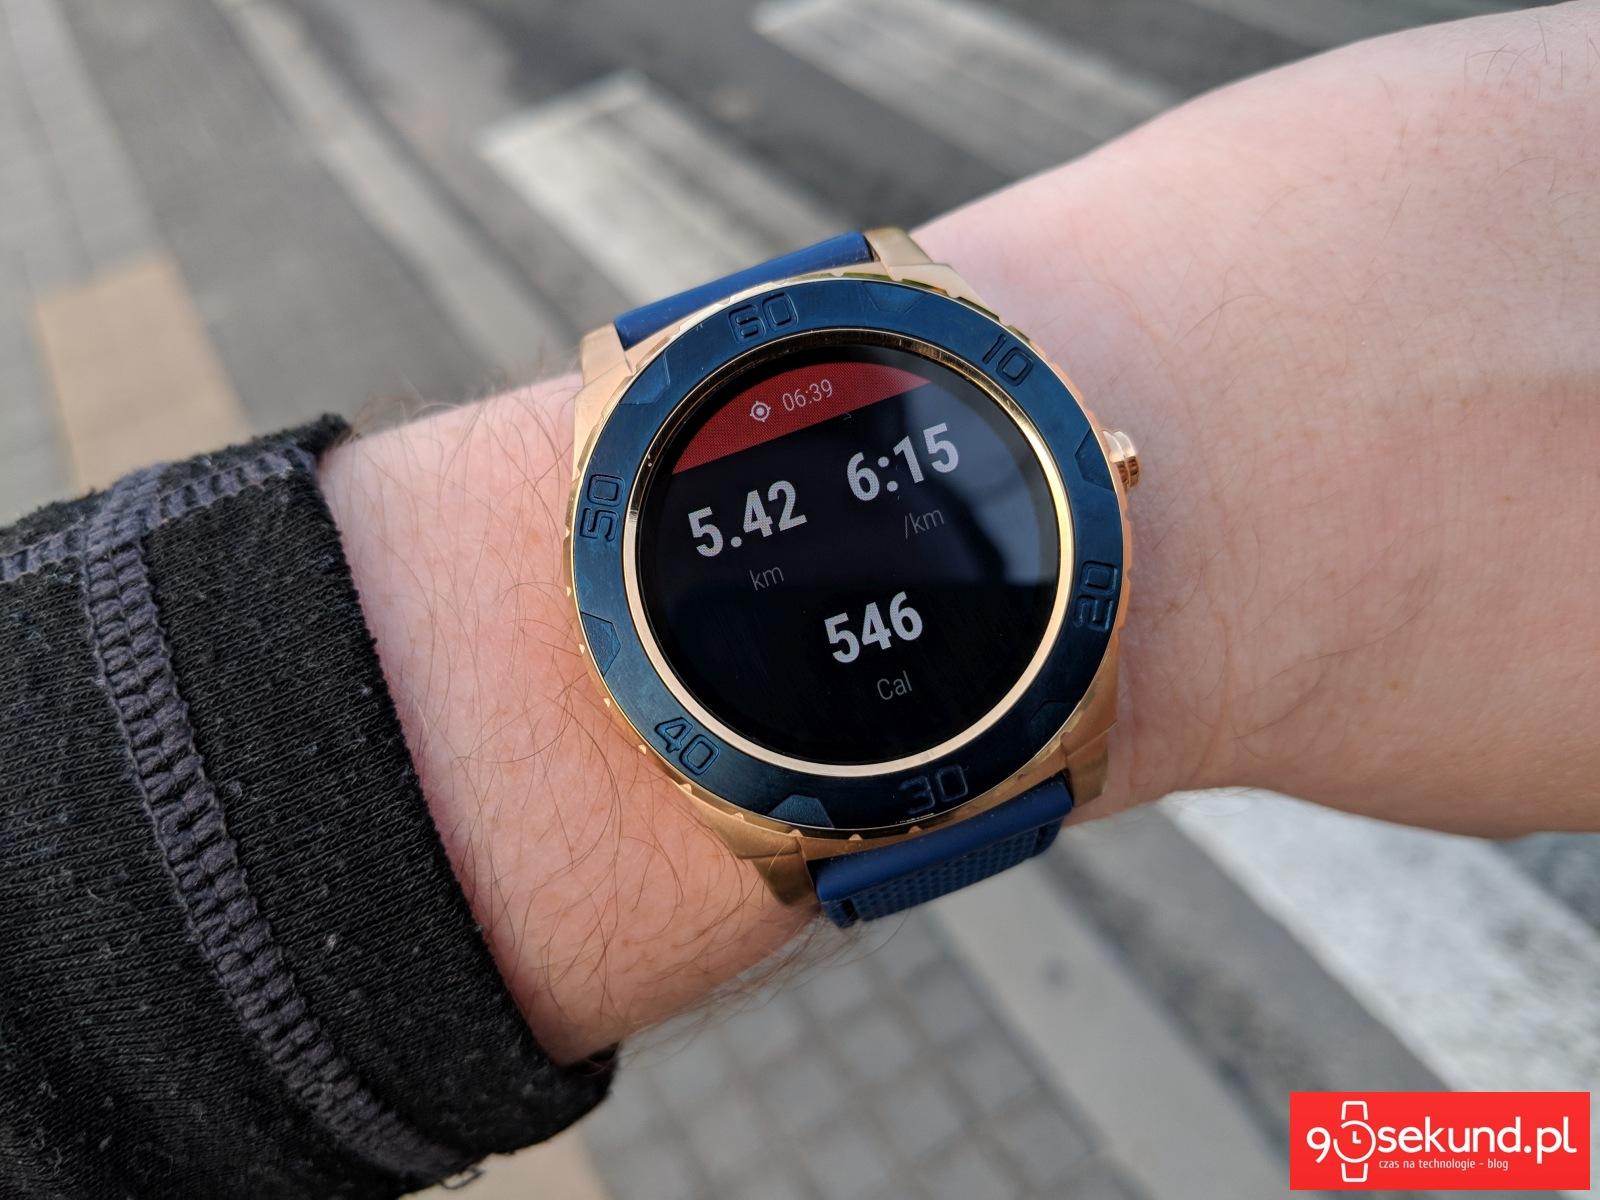 Recenzja Guess Connect Touch C1001G2 - Michał Brożyński 90sekund.pl